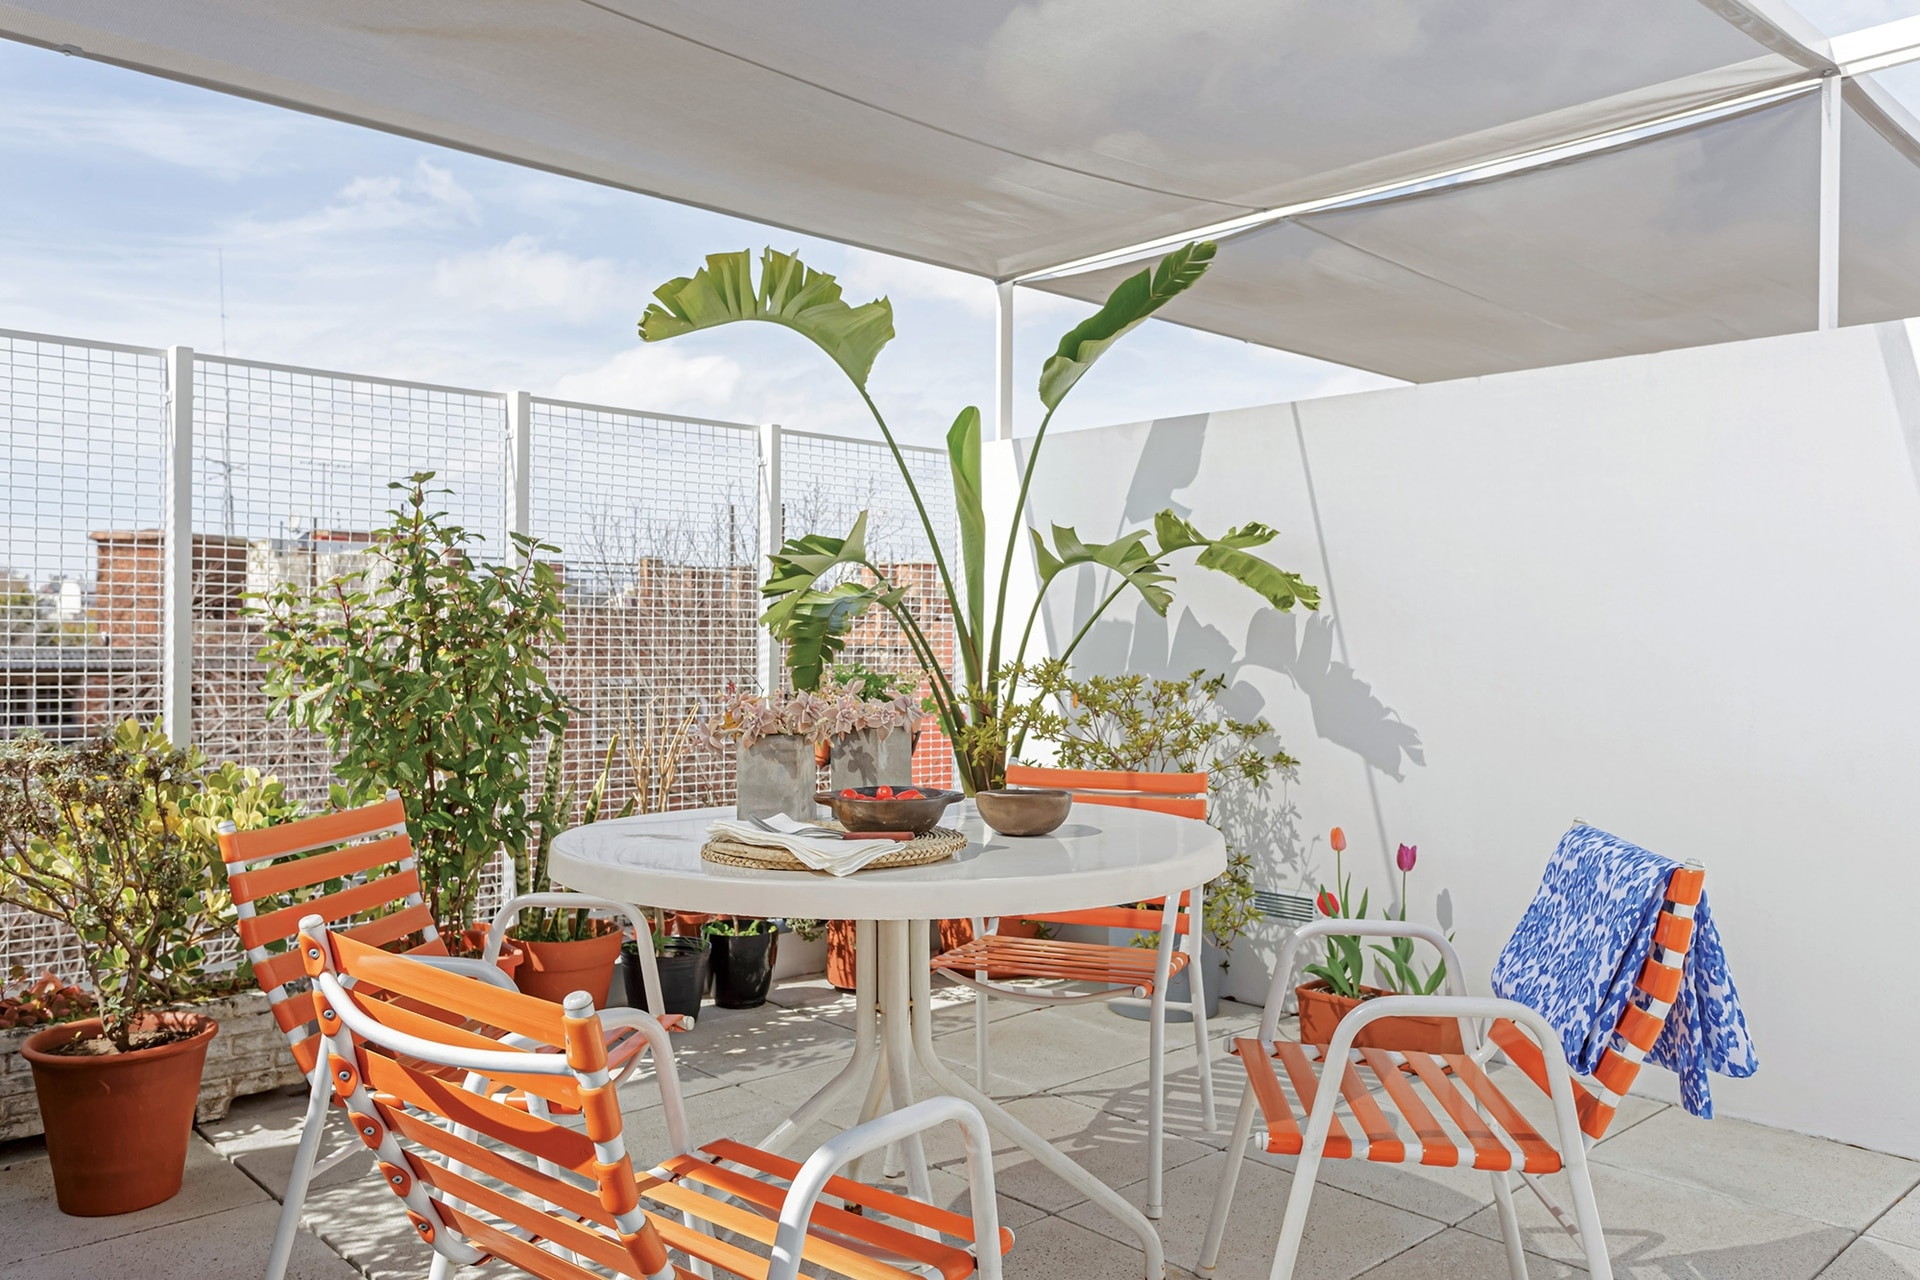 La media sombra suaviza el sol que llega directo. Sobre la mesa, individuales de ratán y servilletas de algodón (Claudia Adorno).